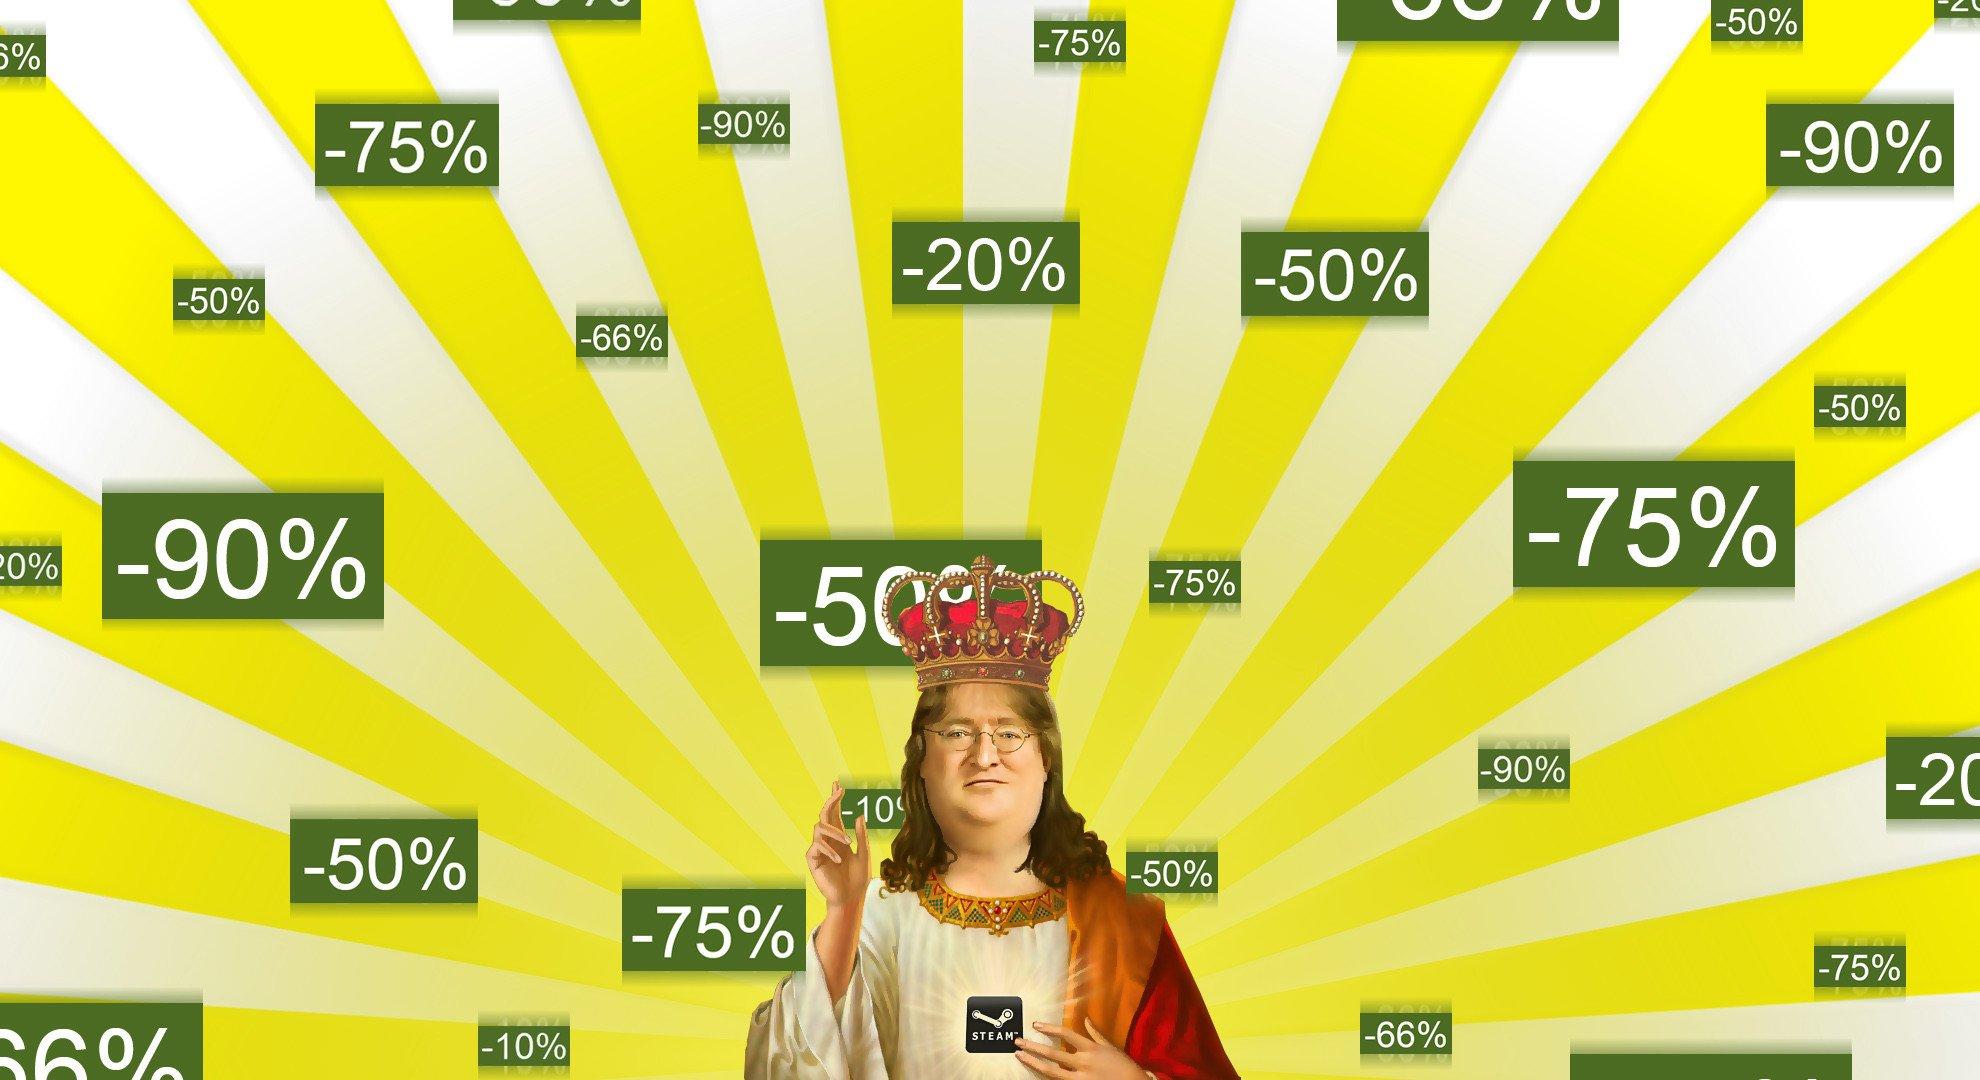 Аве Гейб, аве распродажа - Изображение 1